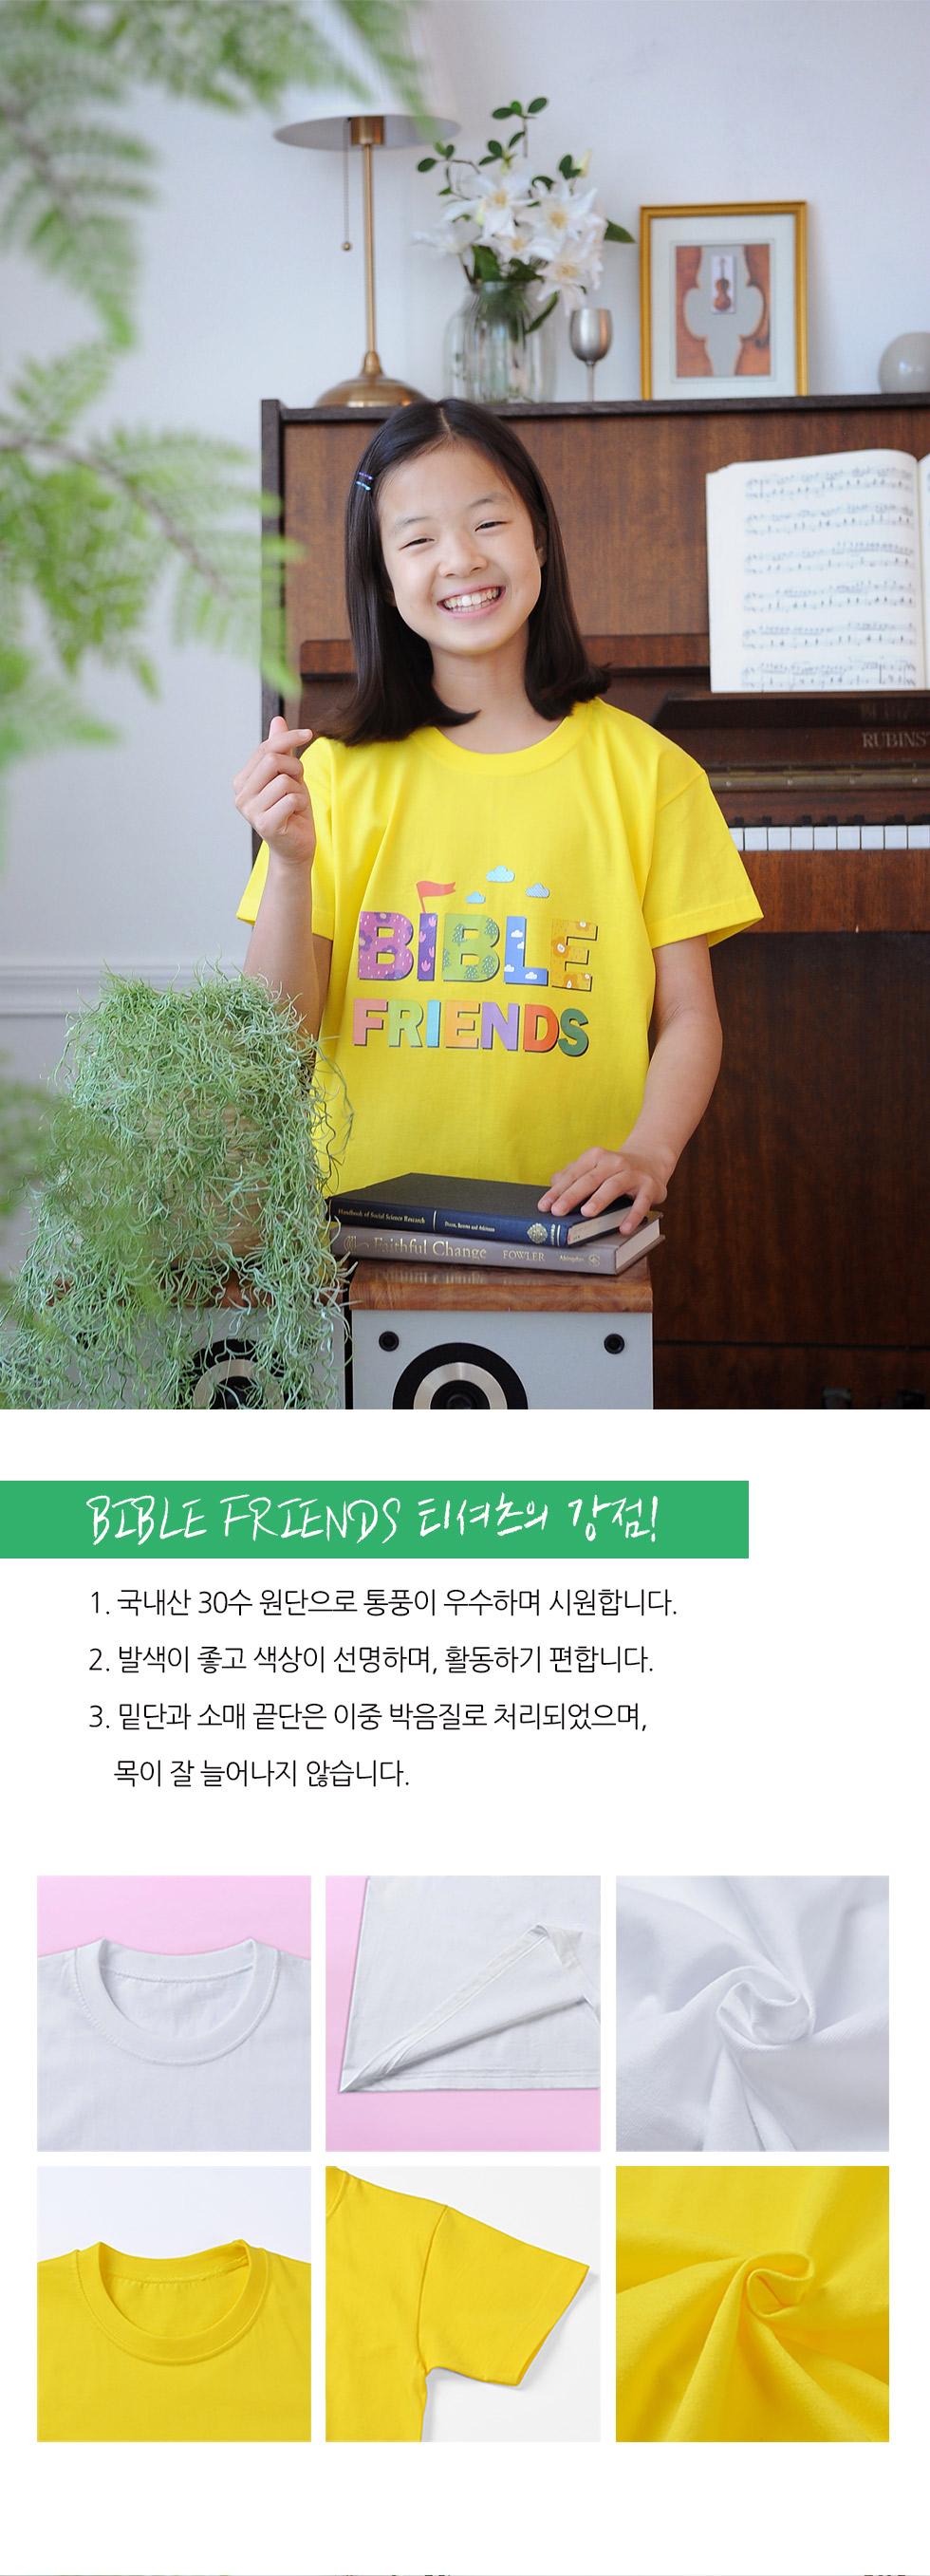 교회티셔츠 바이블프렌즈 아동용 강점